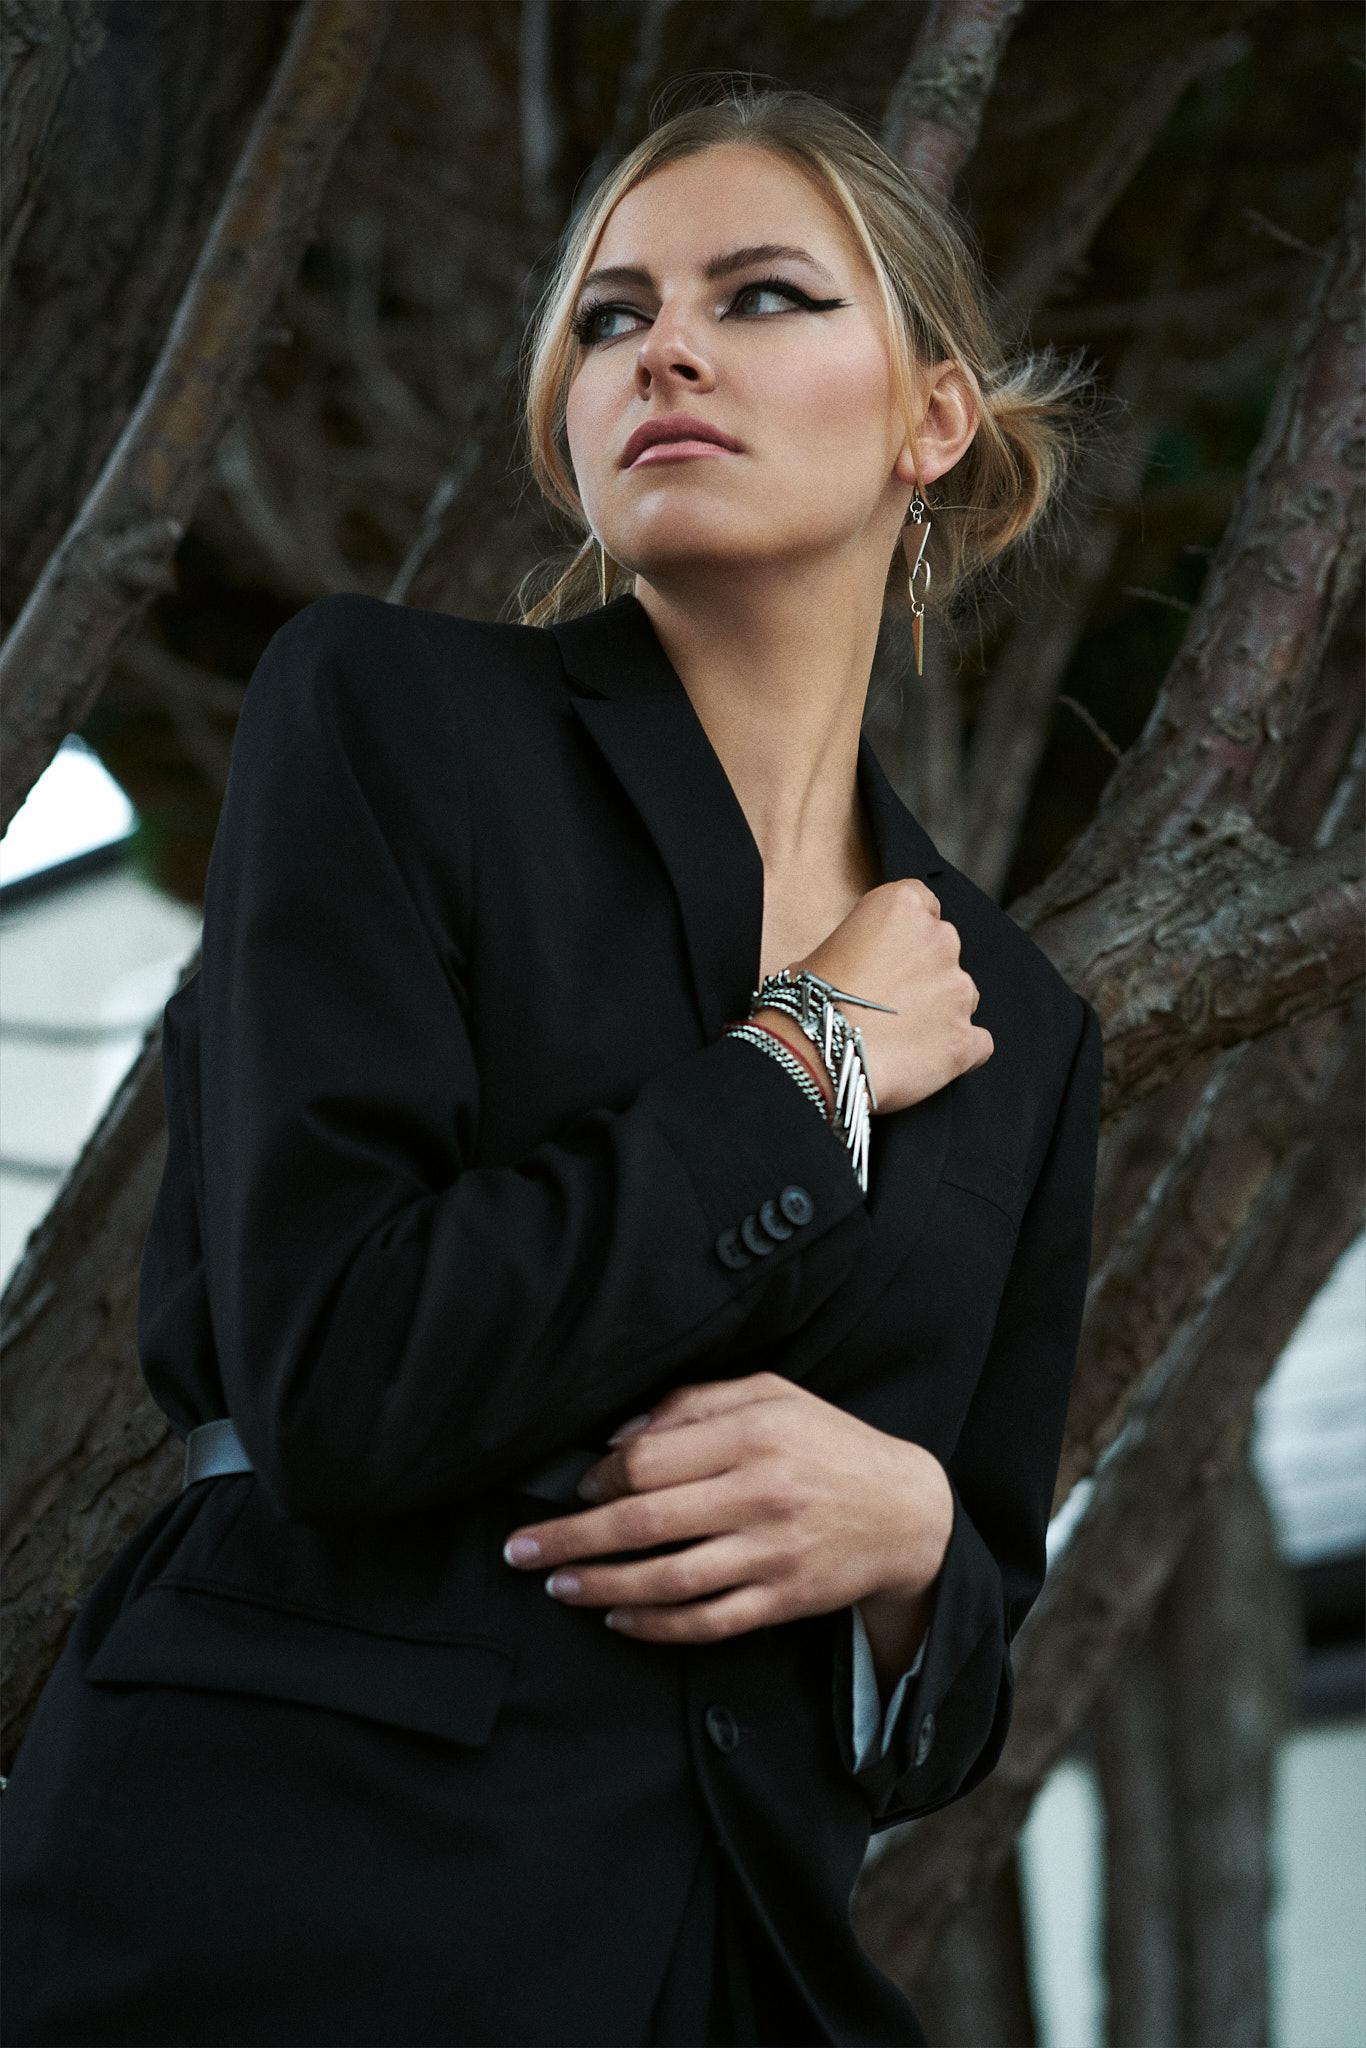 Portrait Beauty Photography by VA